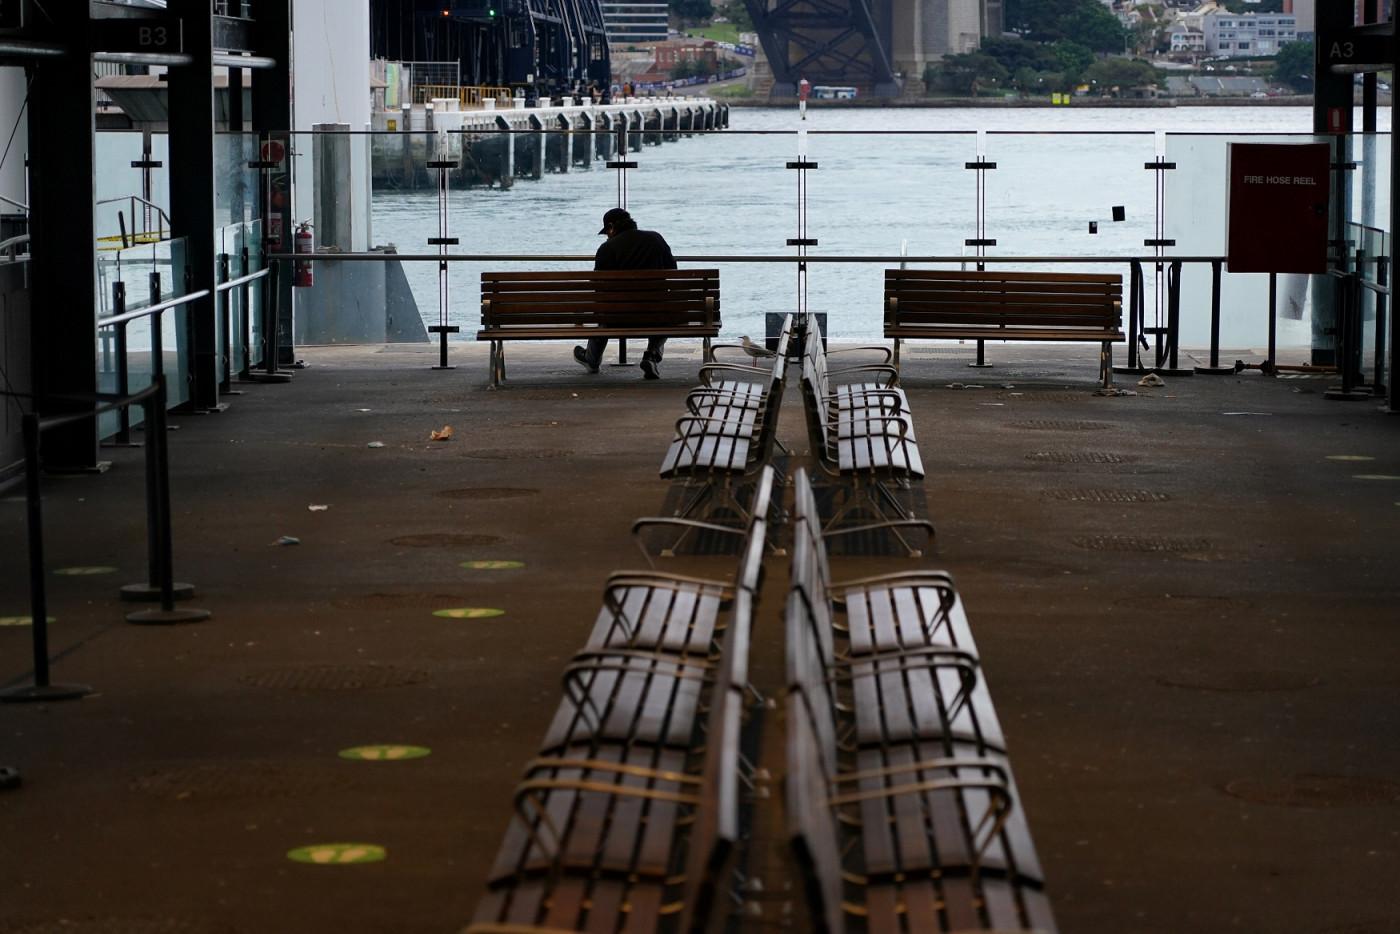 pessoa na austrália sozinha diante do mar